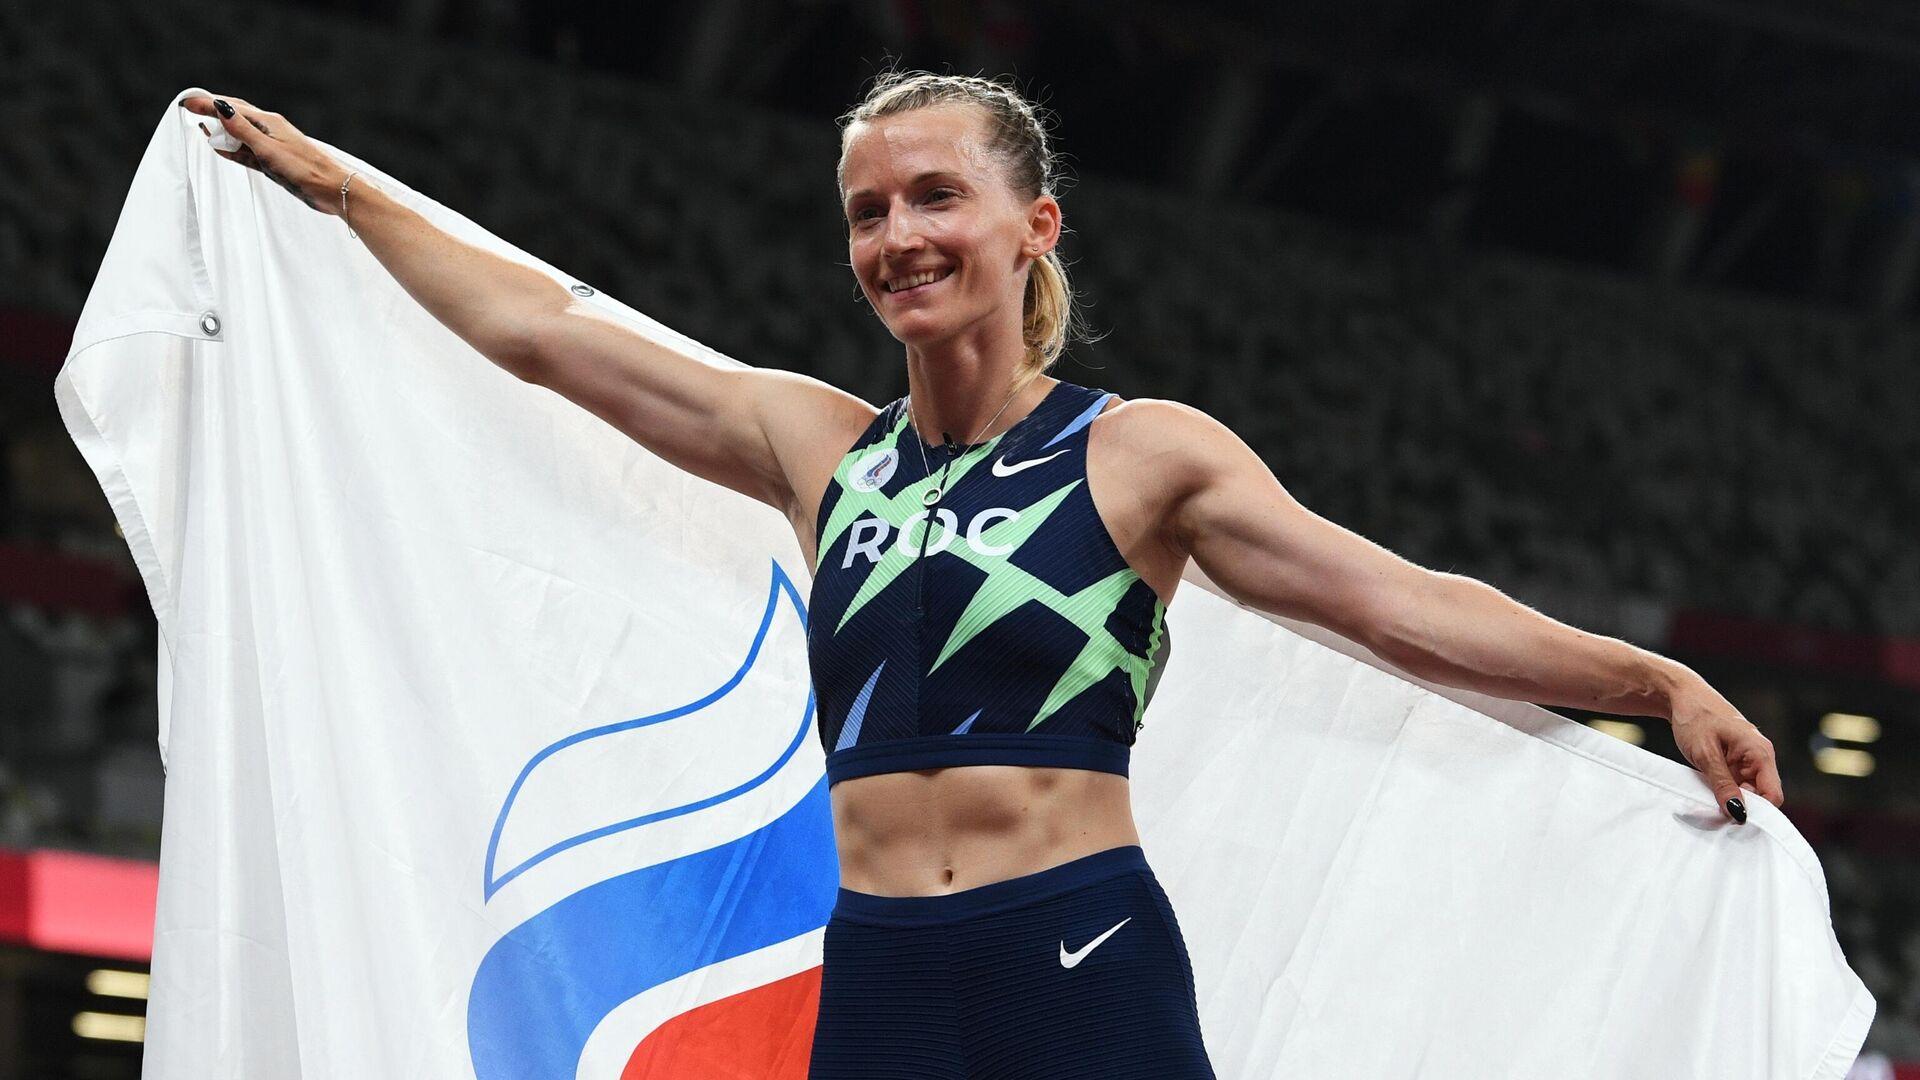 Анжелика Сидорова, завоевавшая серебряную медаль на соревнованиях по прыжкам с шестом среди женщин на XXXII летних Олимпийских играх в Токио - РИА Новости, 1920, 05.08.2021